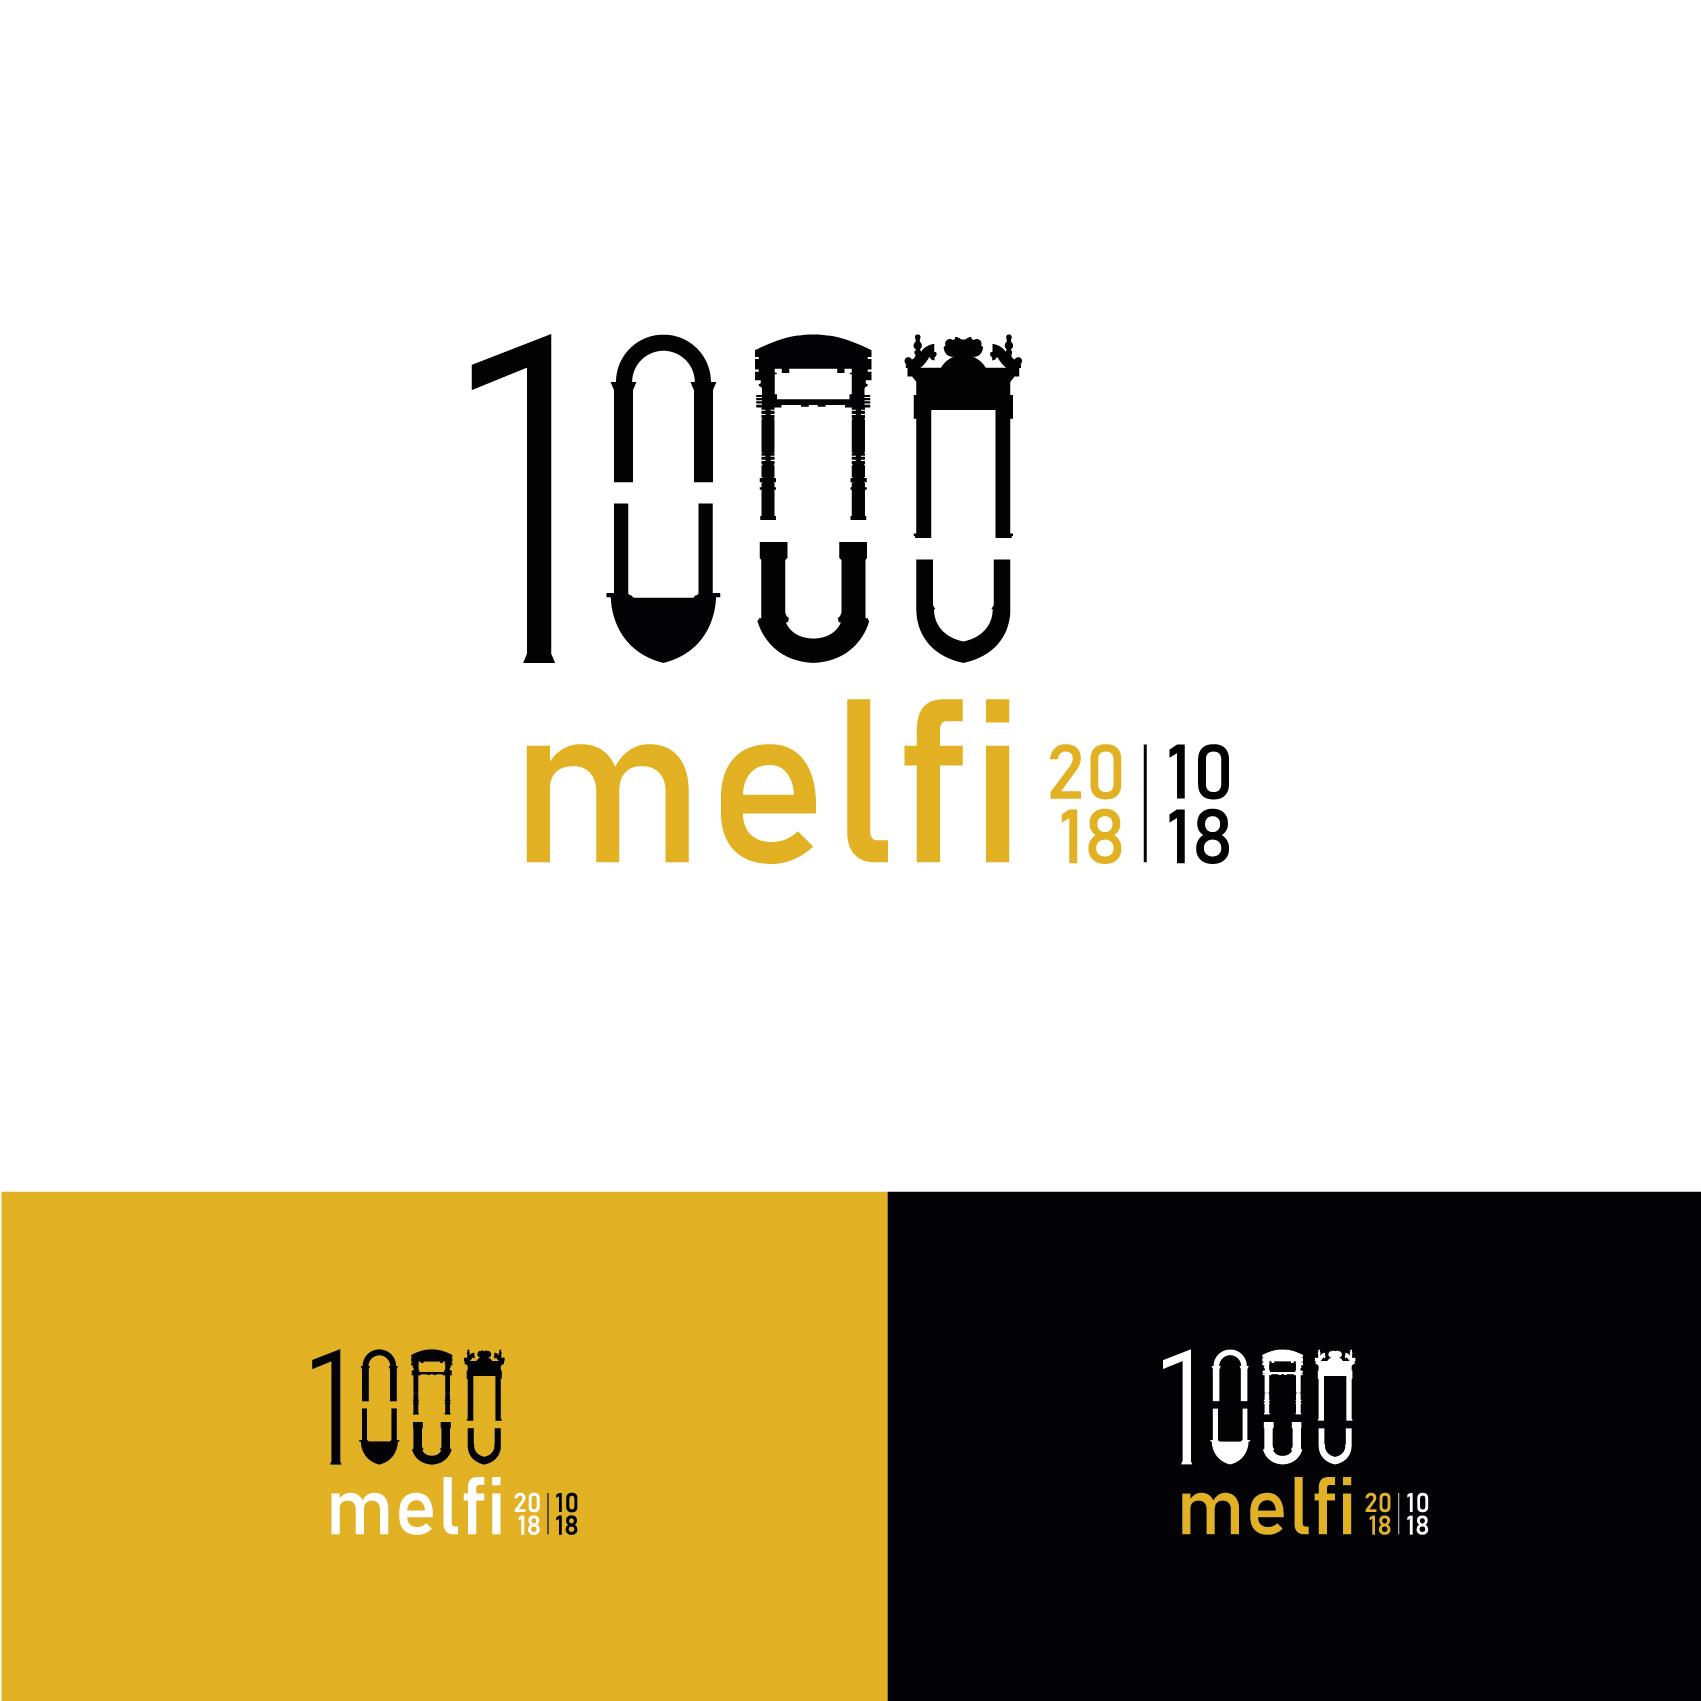 MADIcomunicazione_concorso-melfi_logo